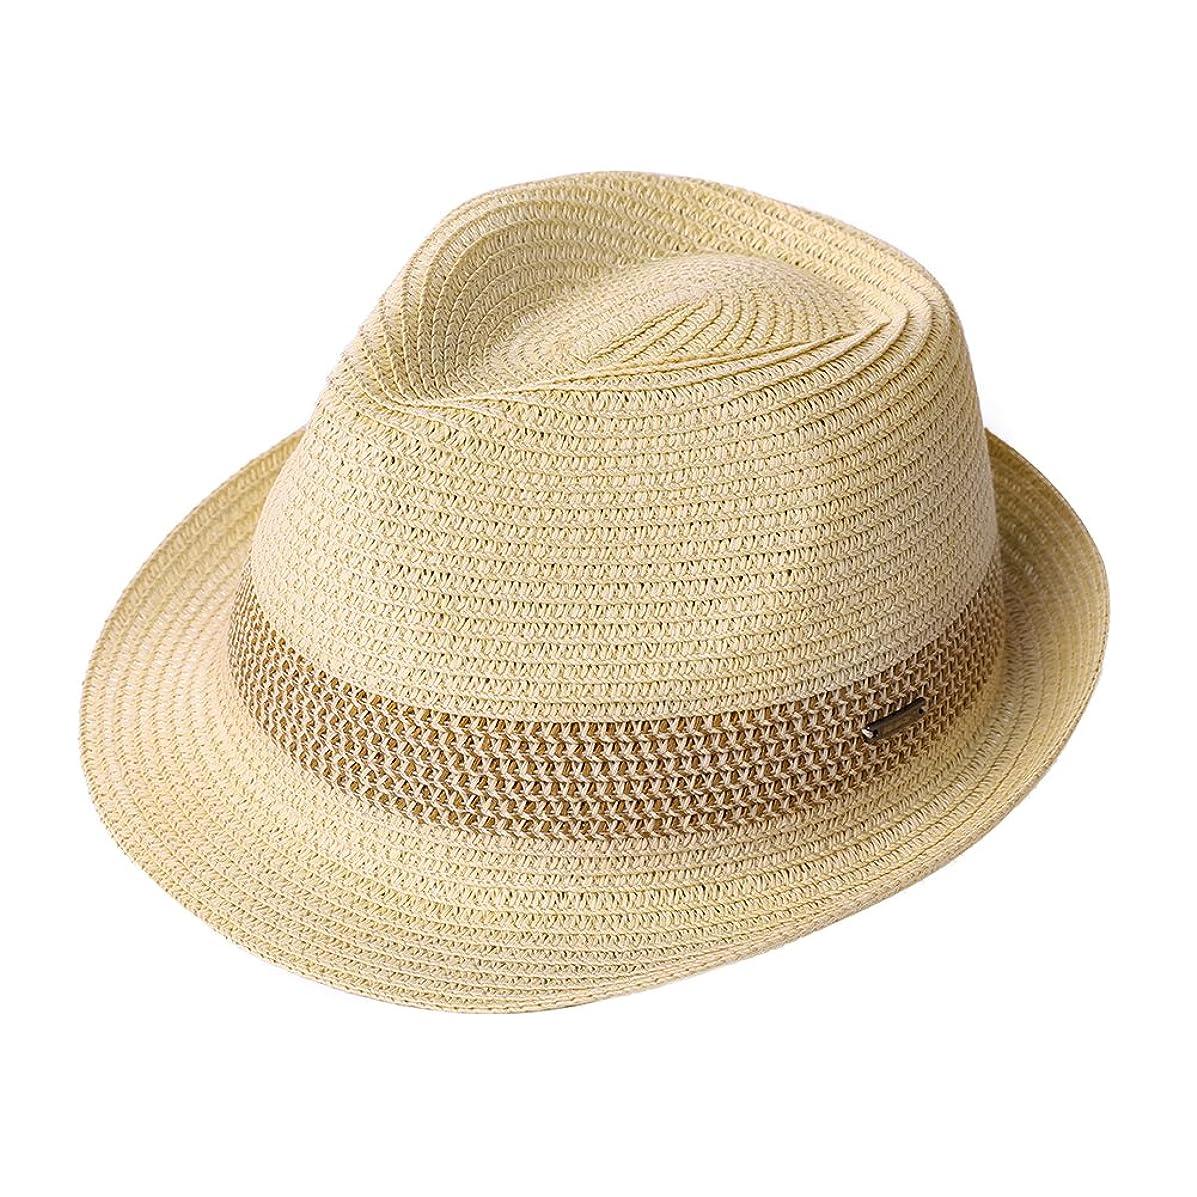 スプレー日幸運(シッギ) Siggi 折りたたみ サイズ調節可 99%uvカット 麦わら帽子 メンズ 春夏 ゴルフ 55-59cm